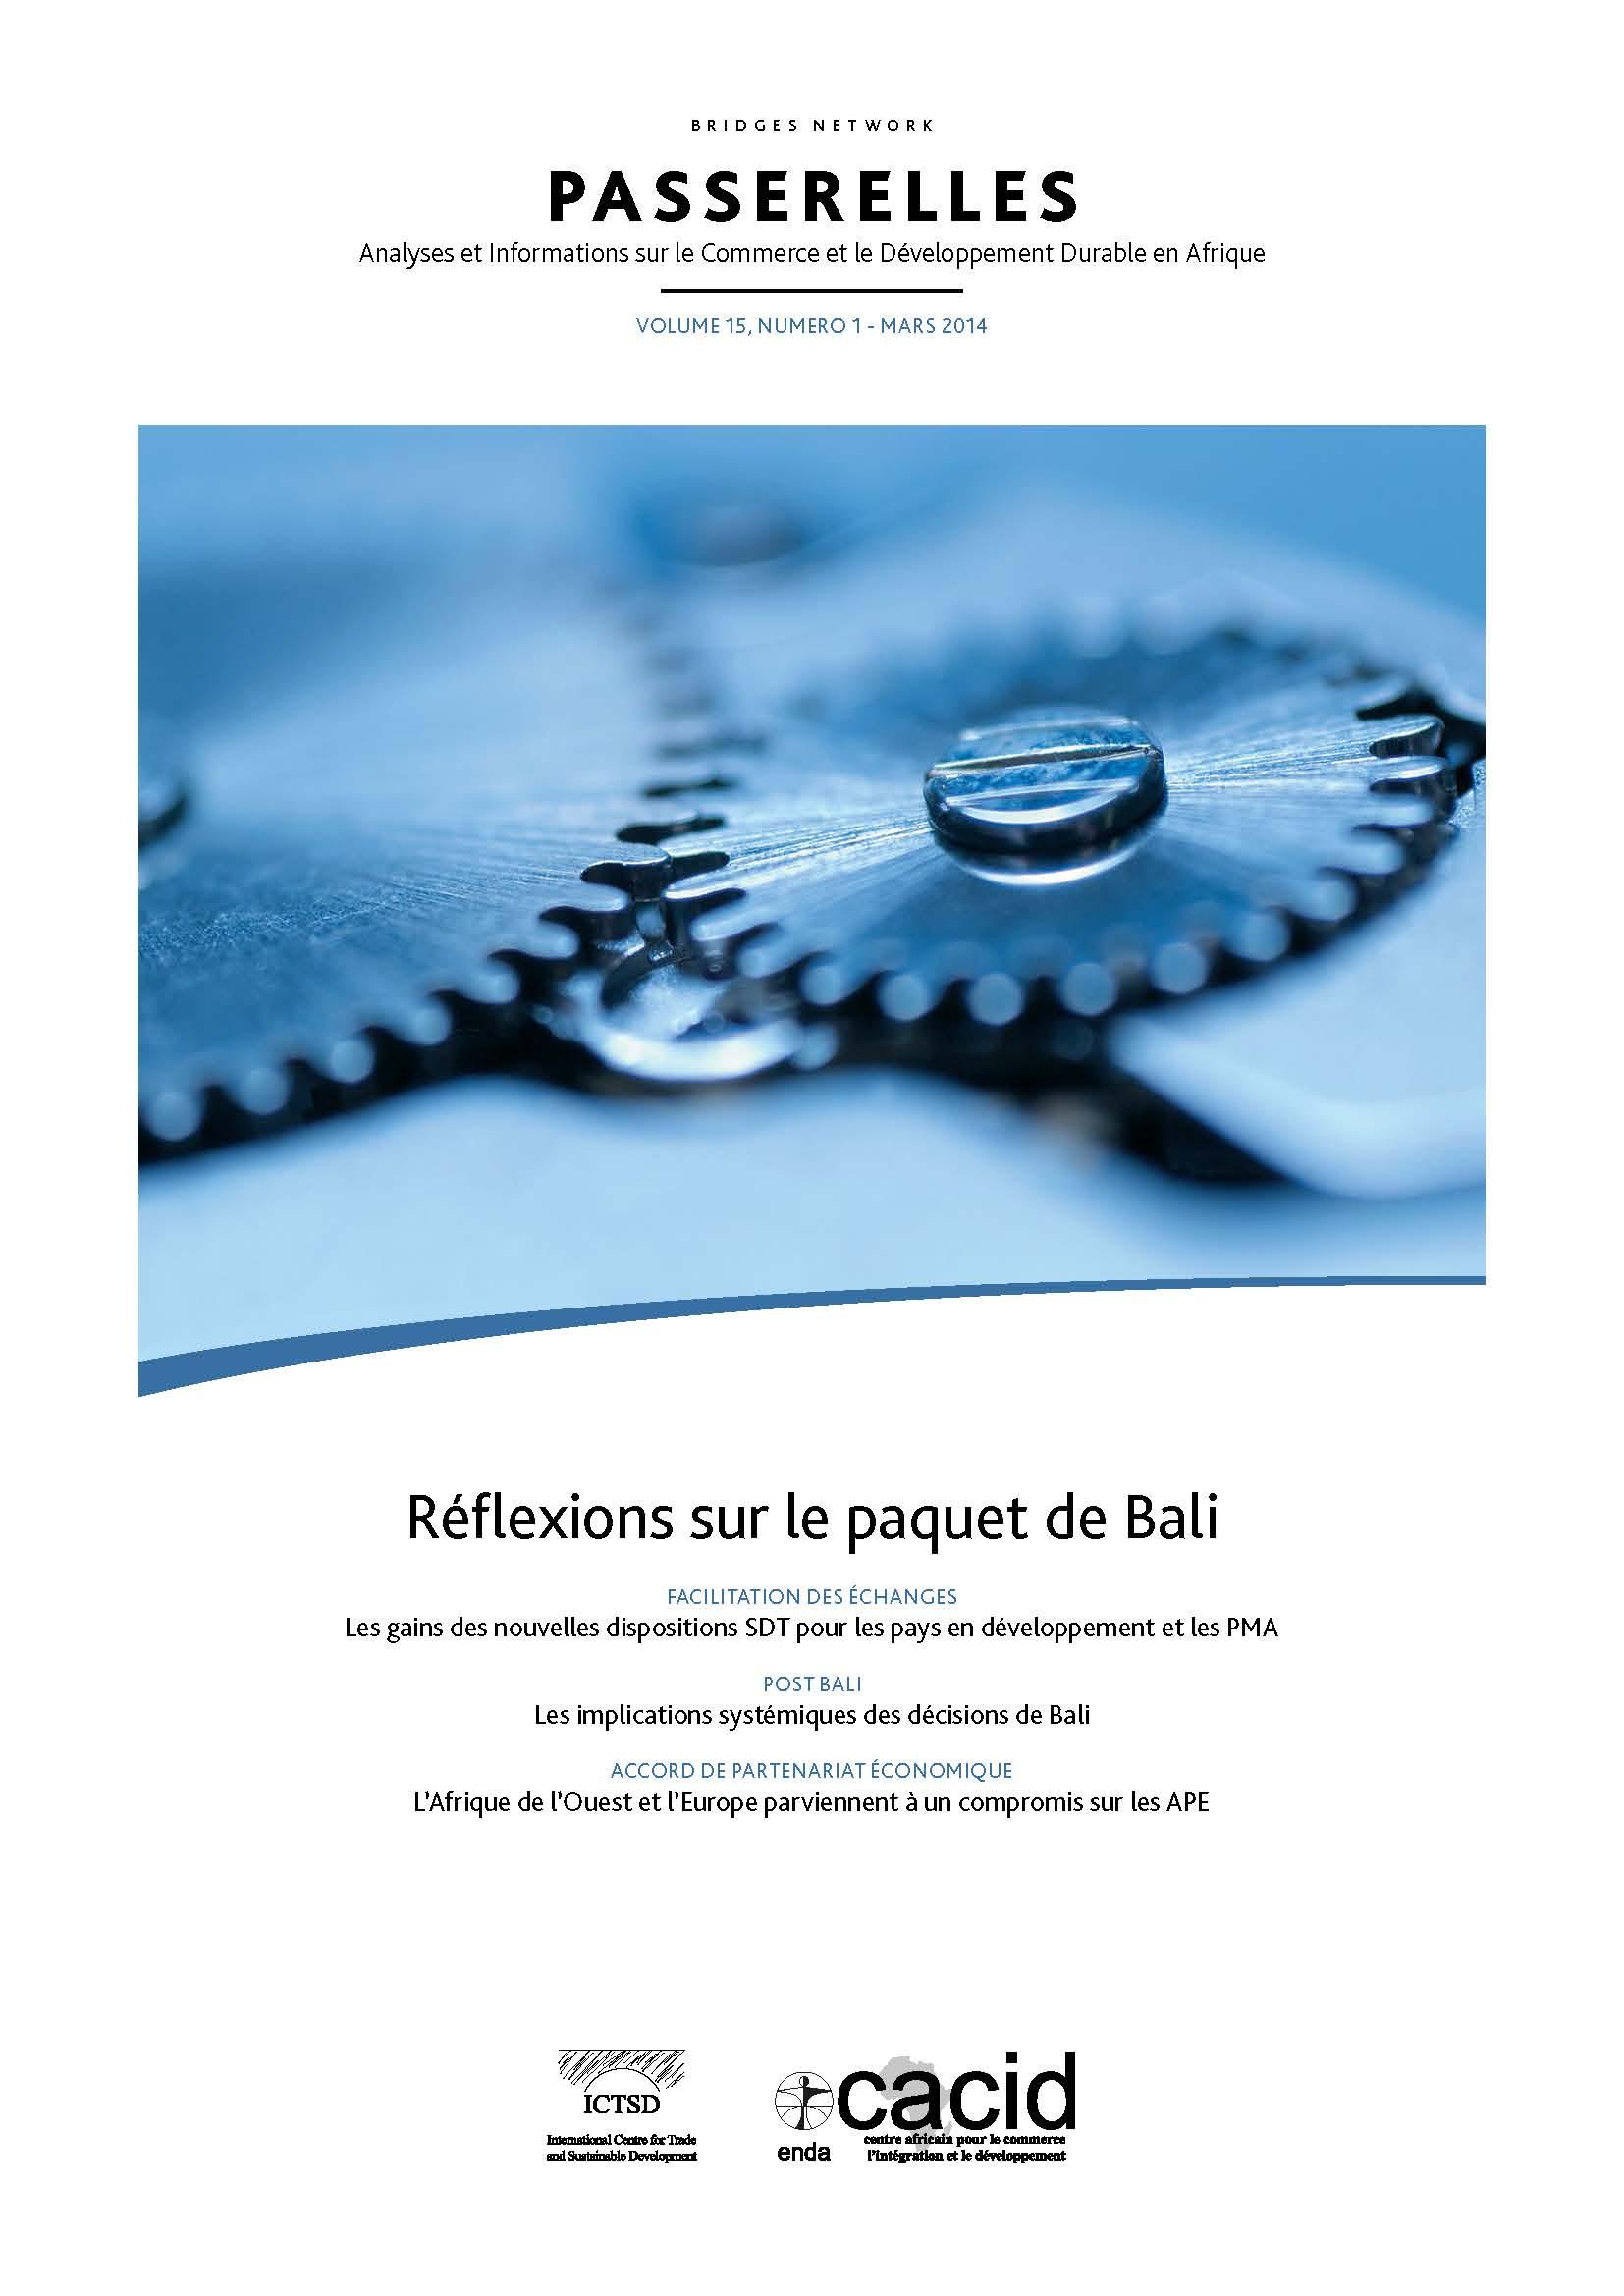 Passerelles (vol. 15, num. 1, mars 2014) : Réflexions sur le paquet de Bali